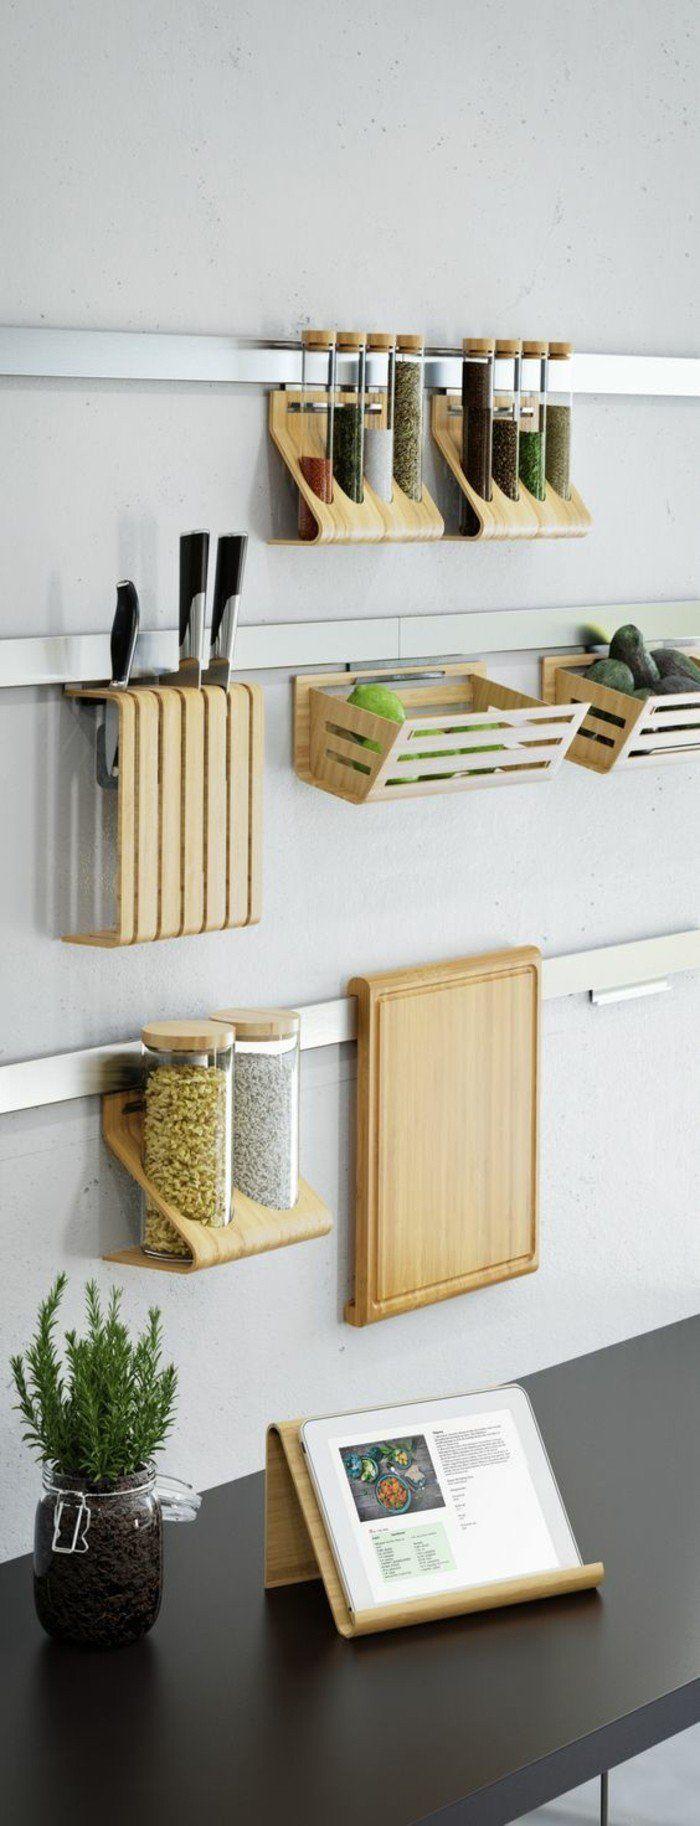 Le Rangement Mural Comment Organiser Bien La Cuisine Rangement